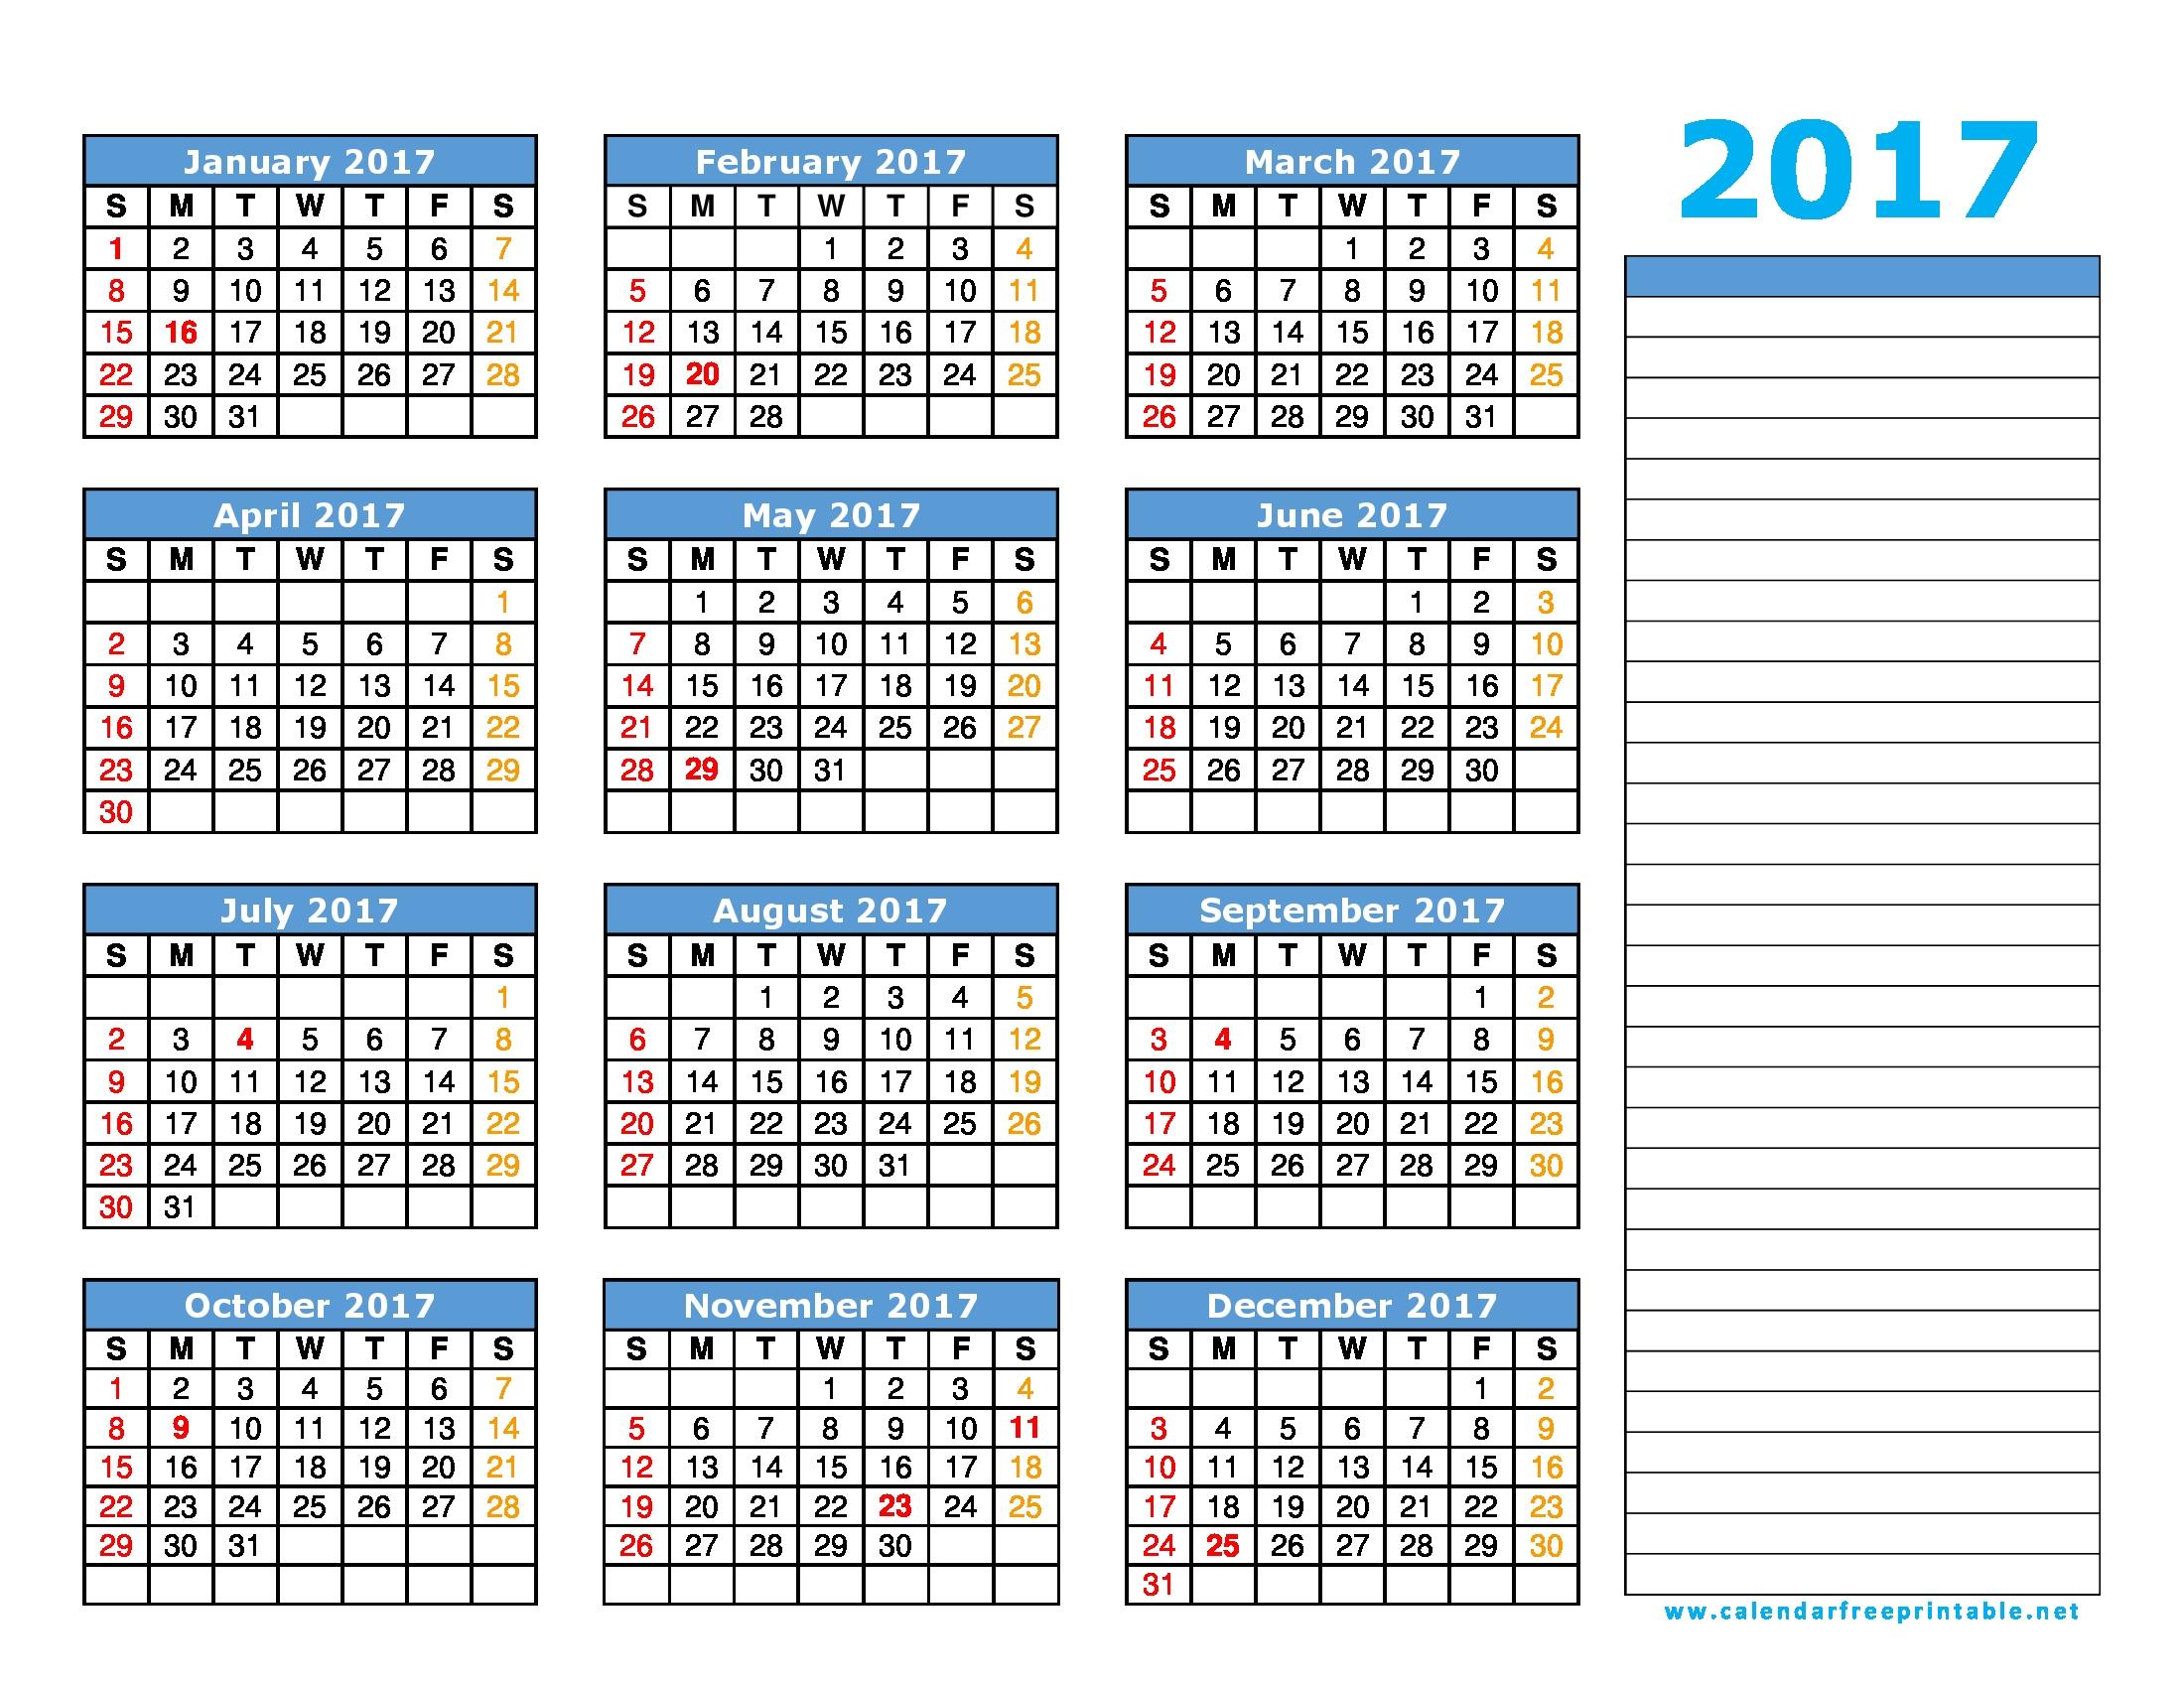 2017 Calendar Printable With Holidays Calendar Free Printable  Xjb